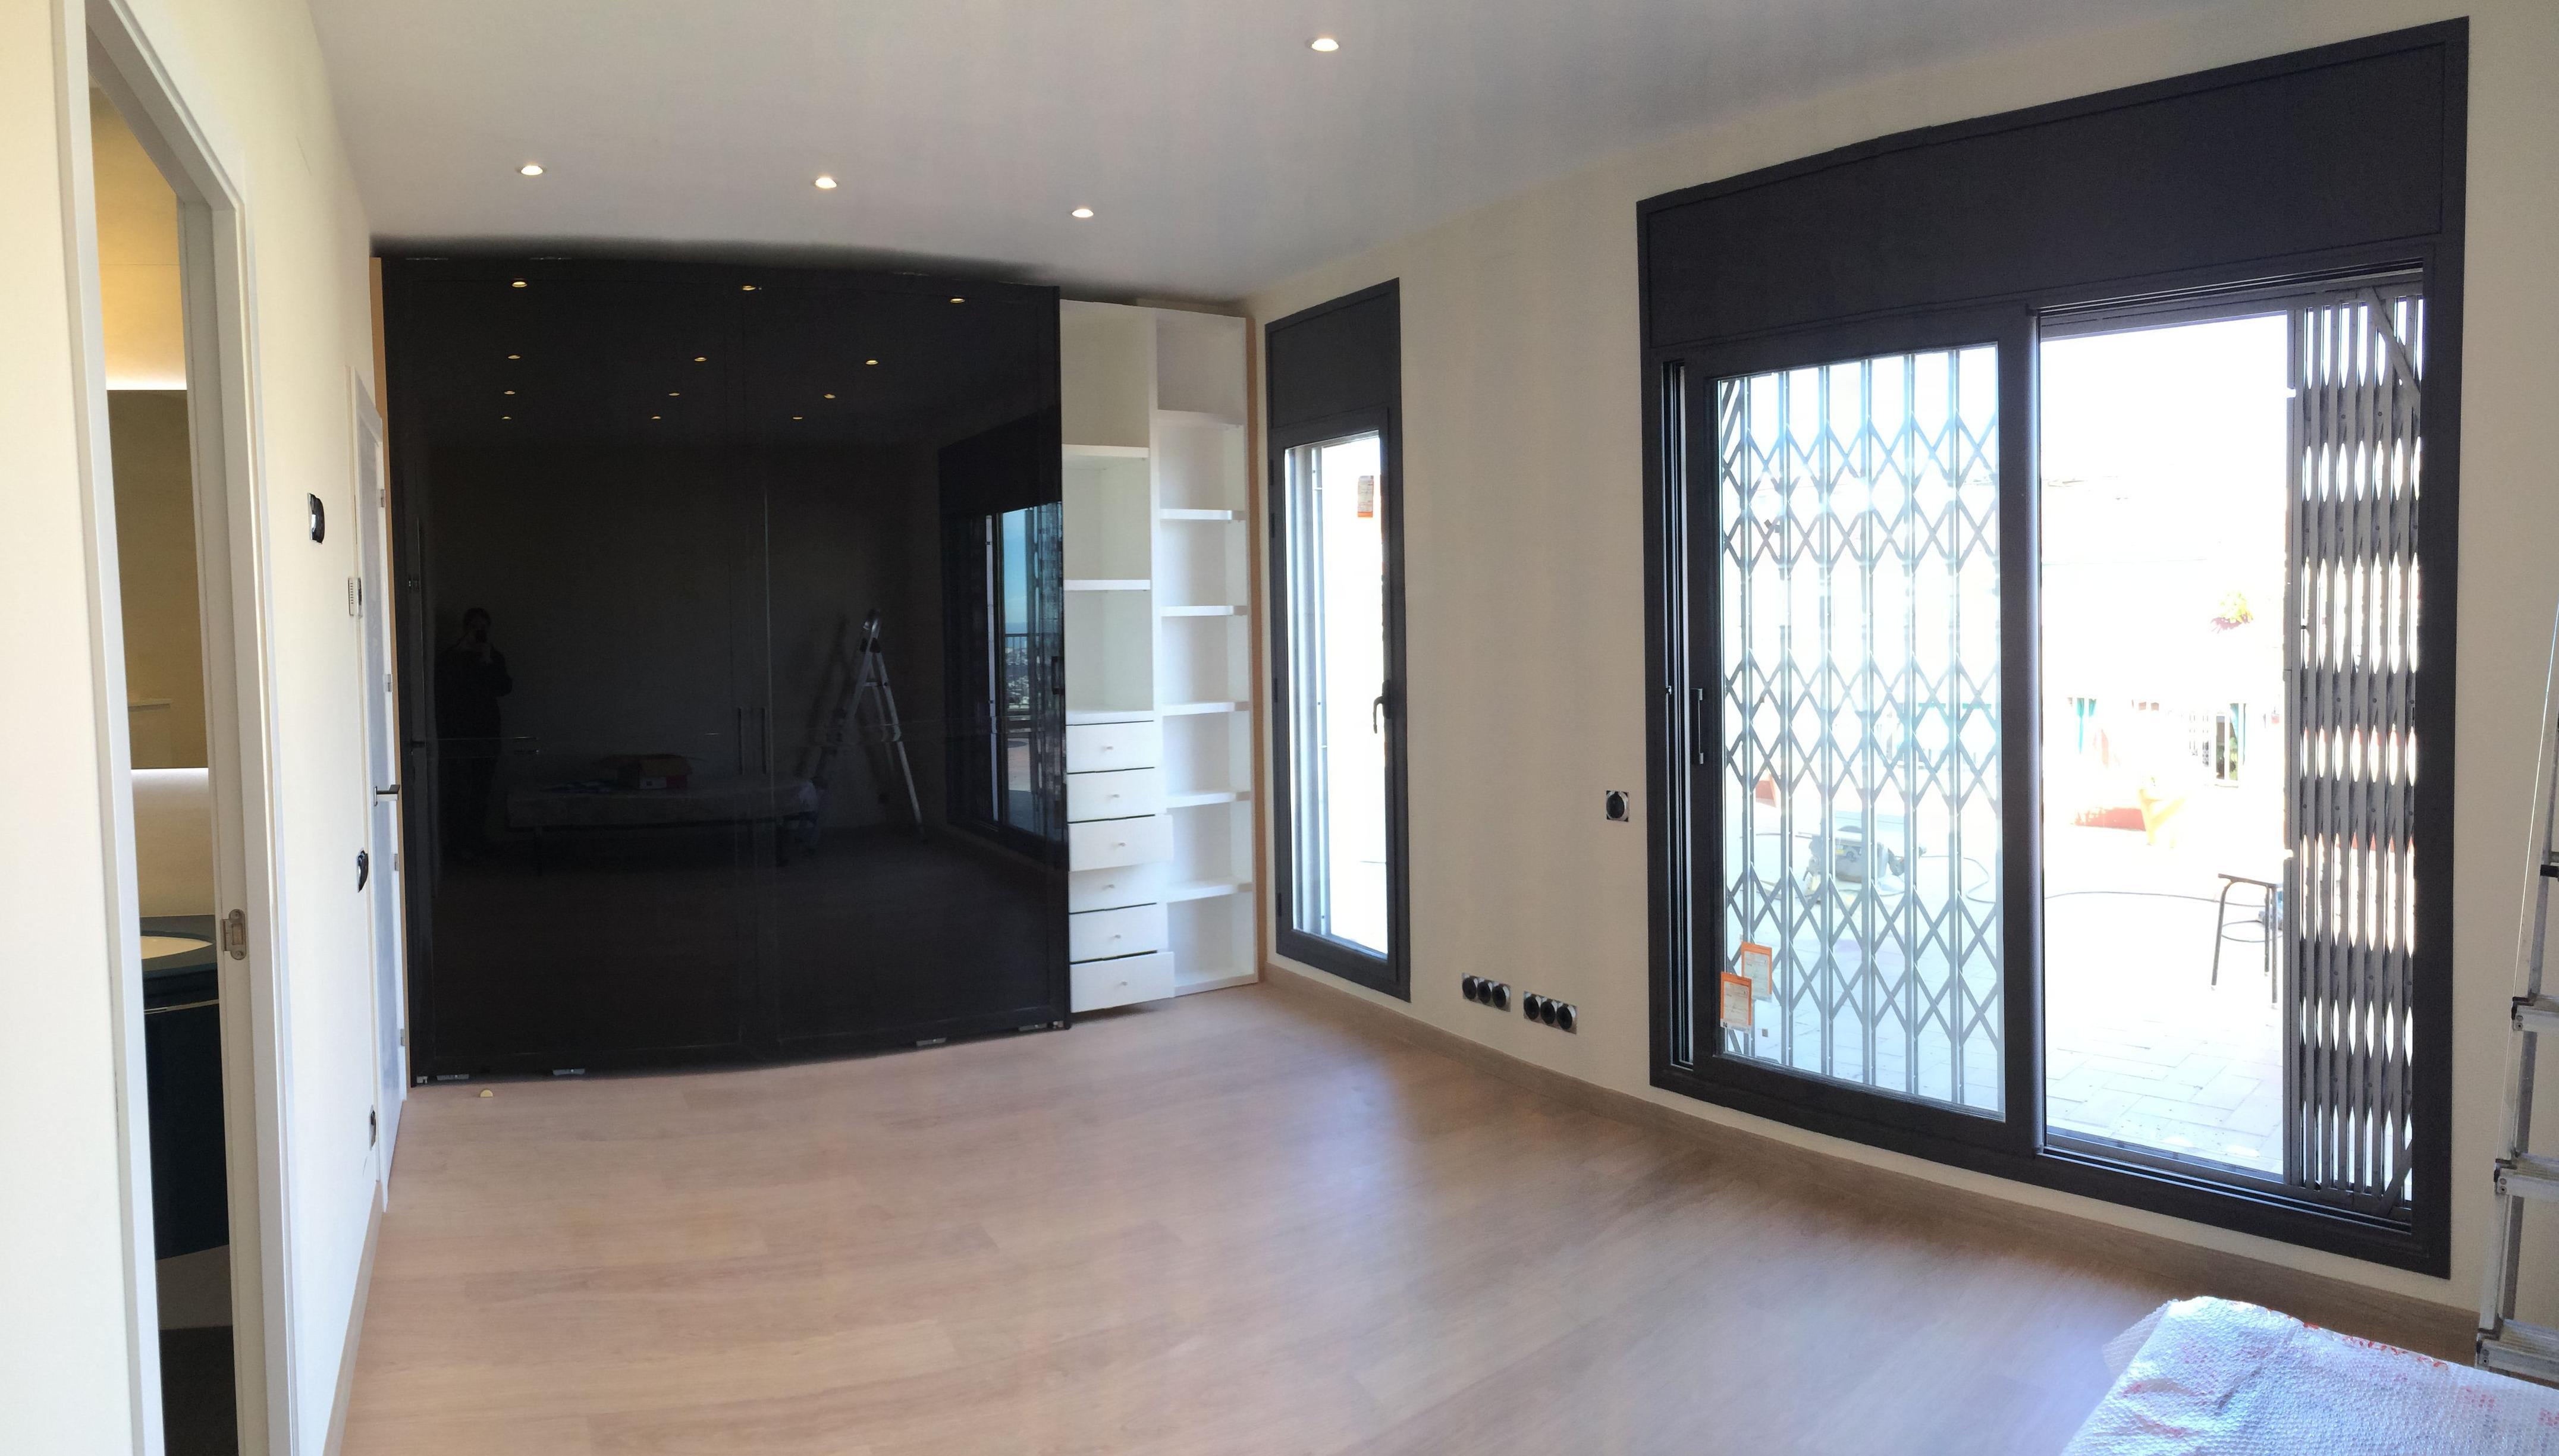 Reforma integral de de alta calidad de un piso \u002D Carpintería de aluminio